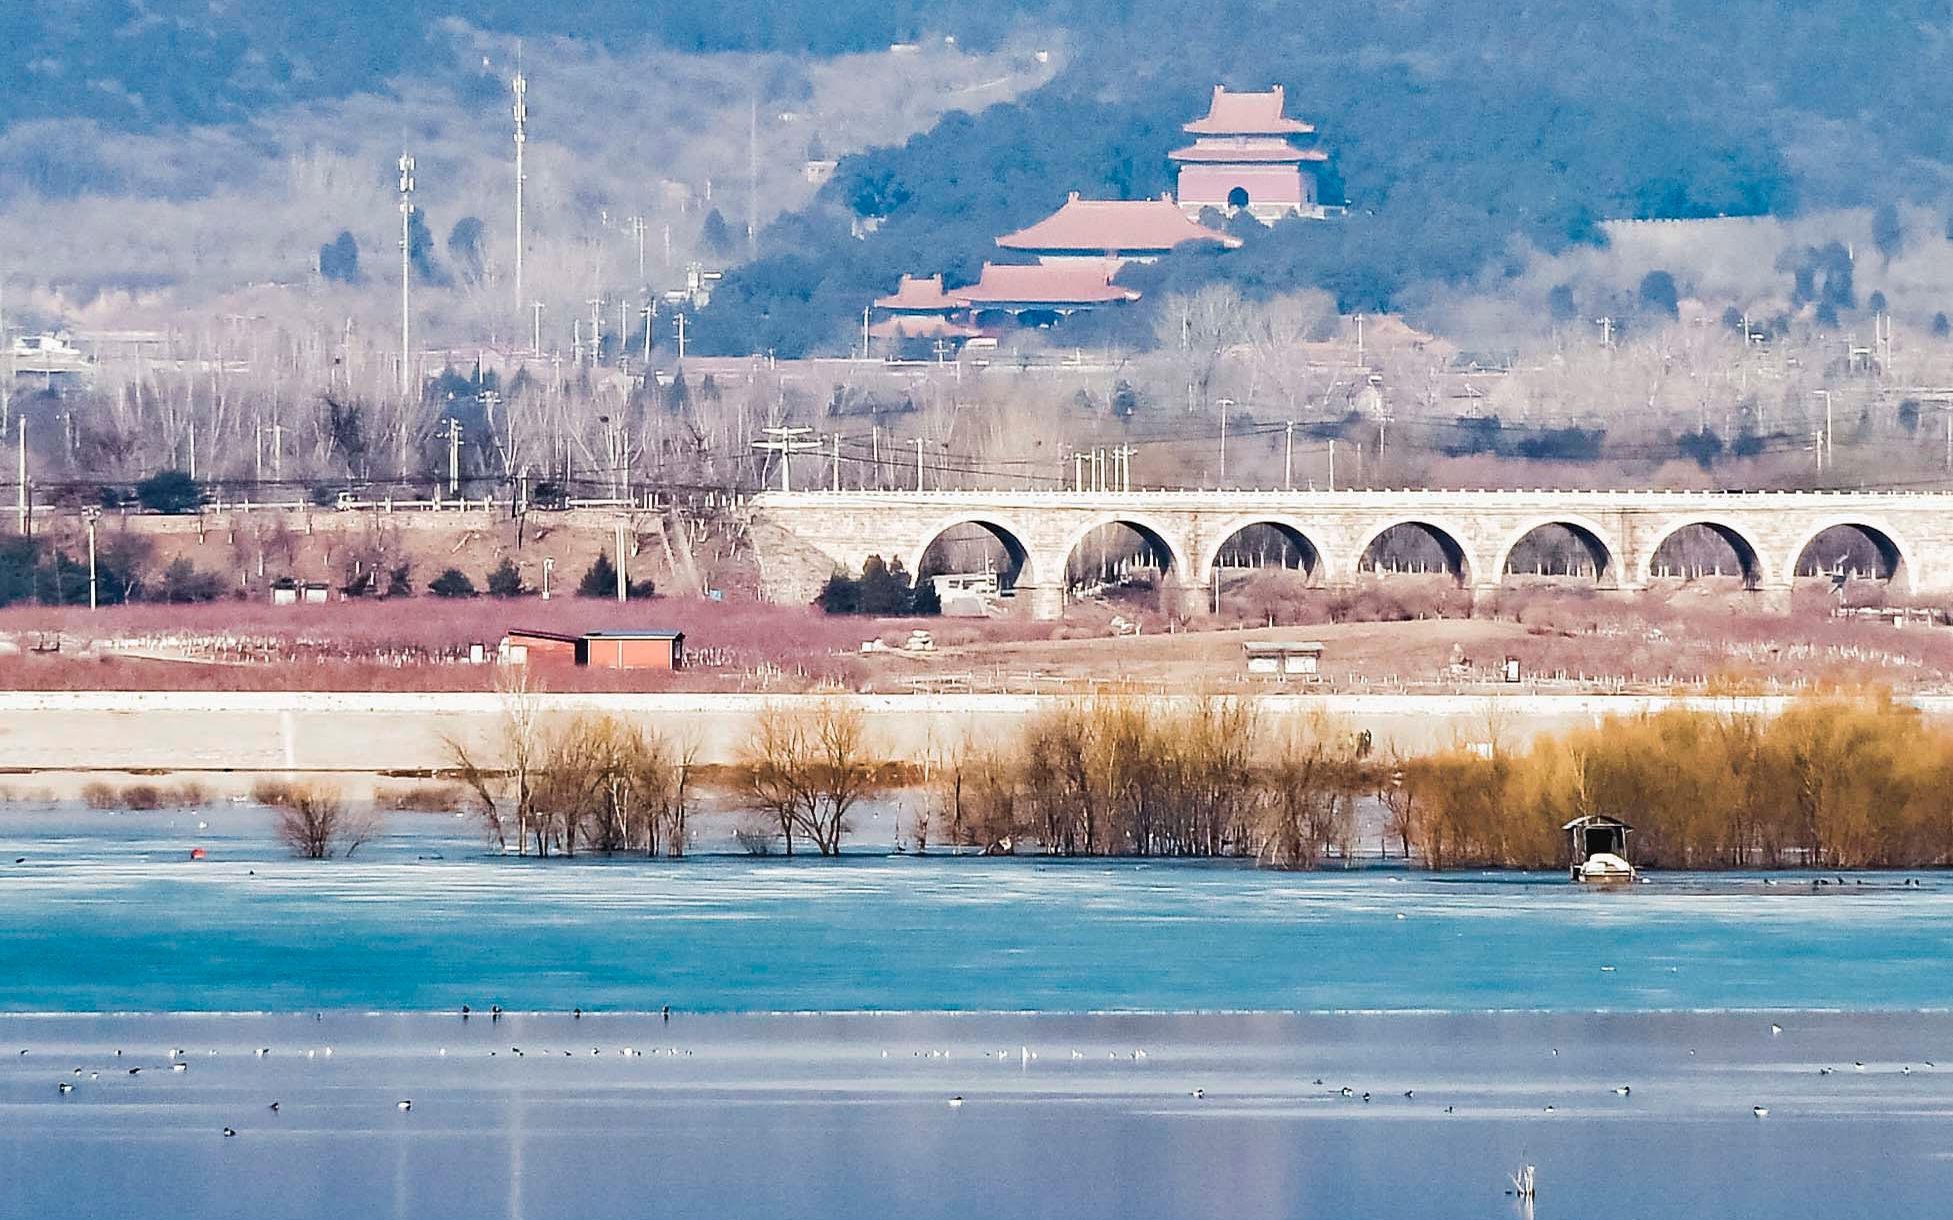 候鸟先头部队到北京 昌平十三陵水库成中途补给站图片